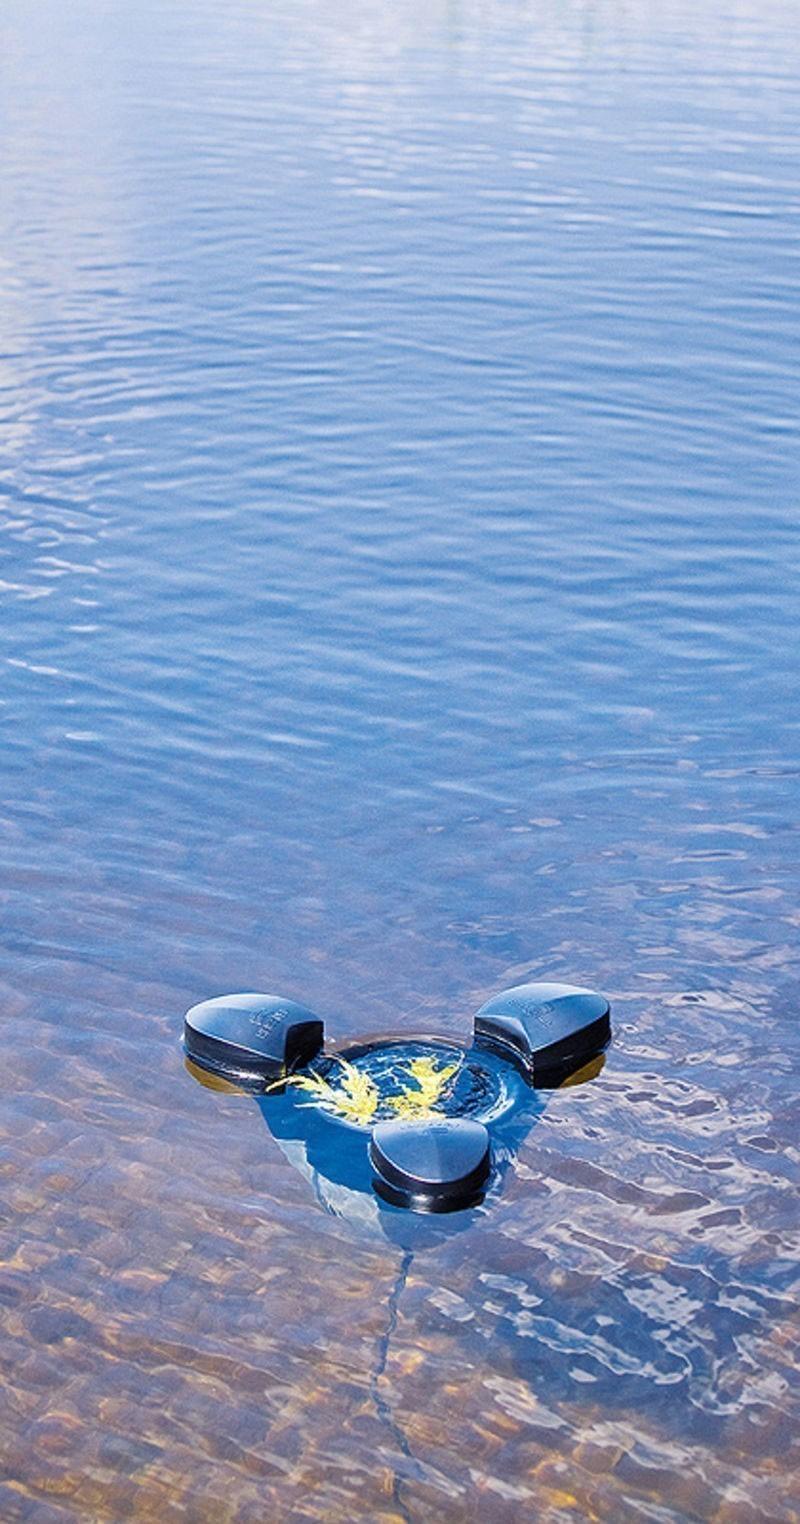 B-Ware Teichskimmer Heissner Oberflächenreiniger schwimmend F540-00 Bild 3